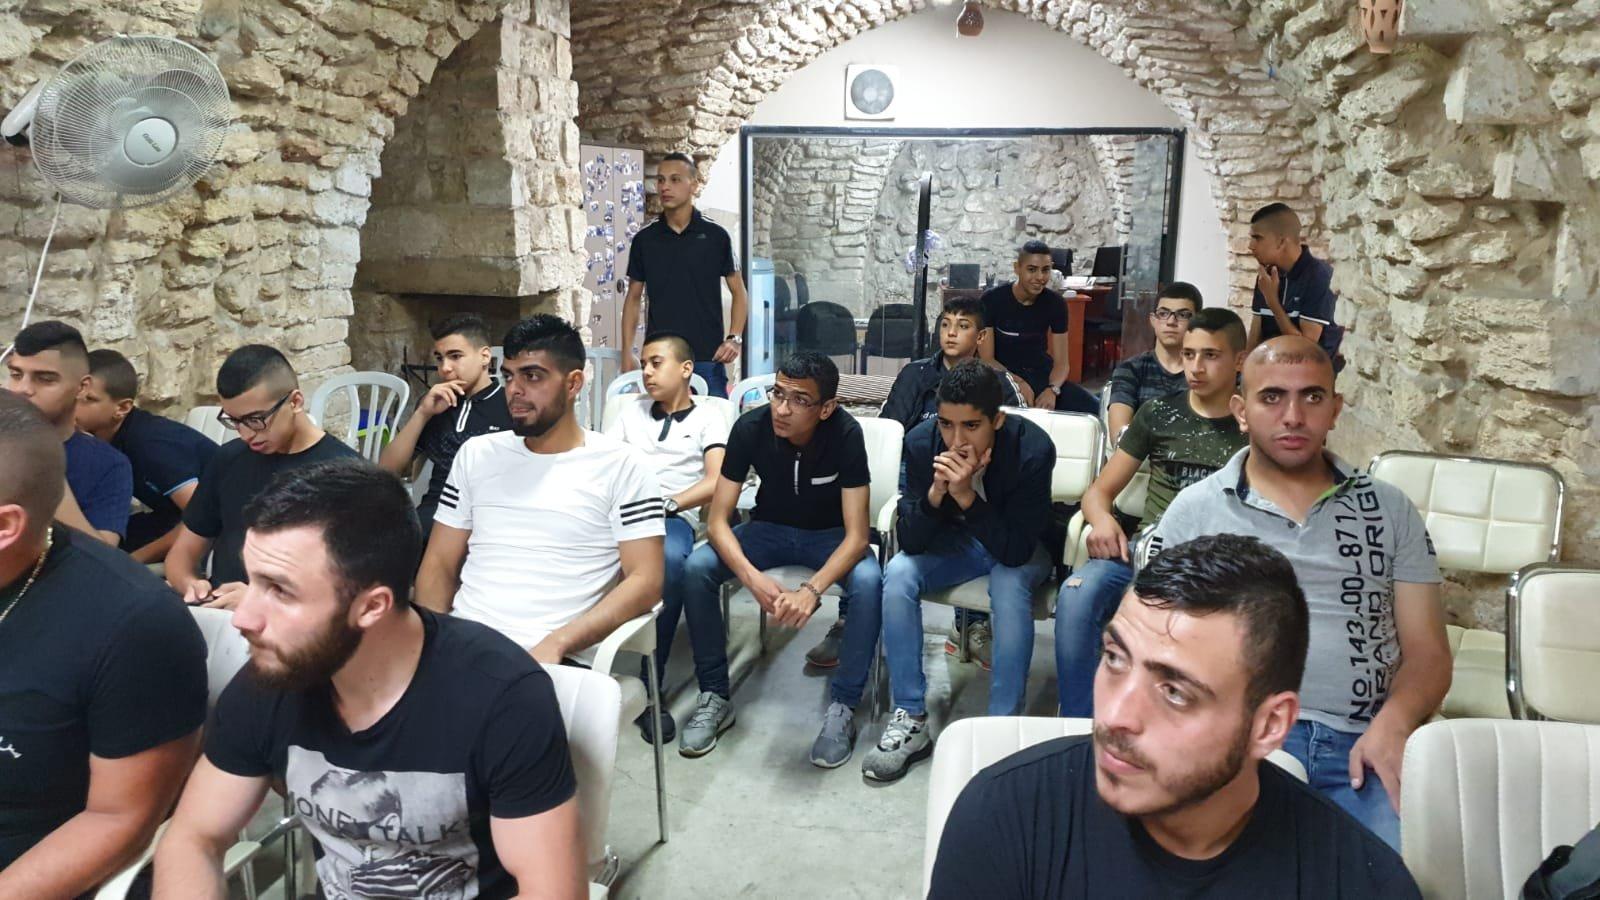 الناصرة: اختتام دوري رمضان لتنس الطاولة بنادي البلدة القديمة على إسم المرحوم توفيق زهر